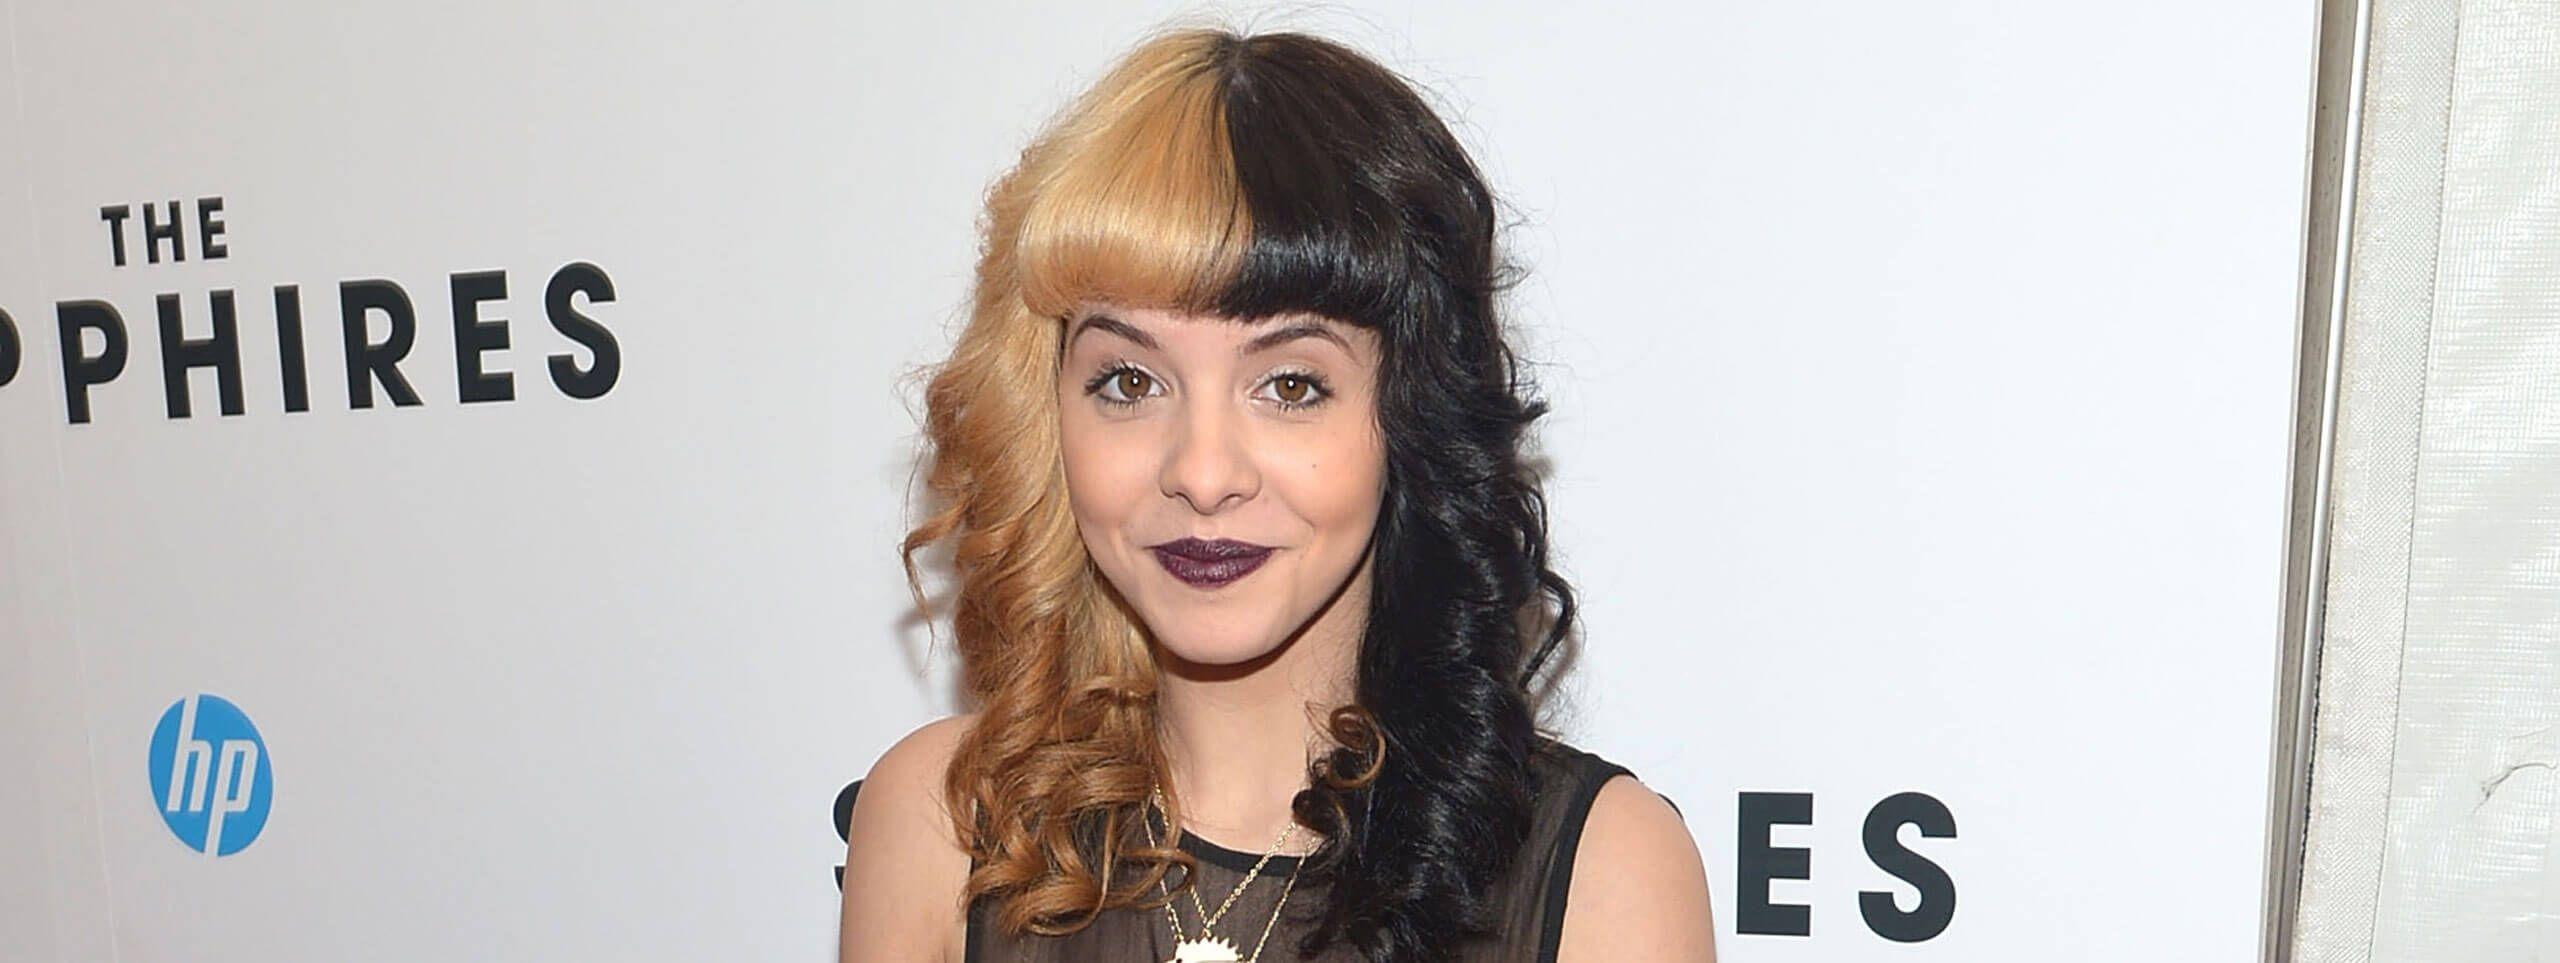 Melanie Martinez z dwukolorowymi włosami